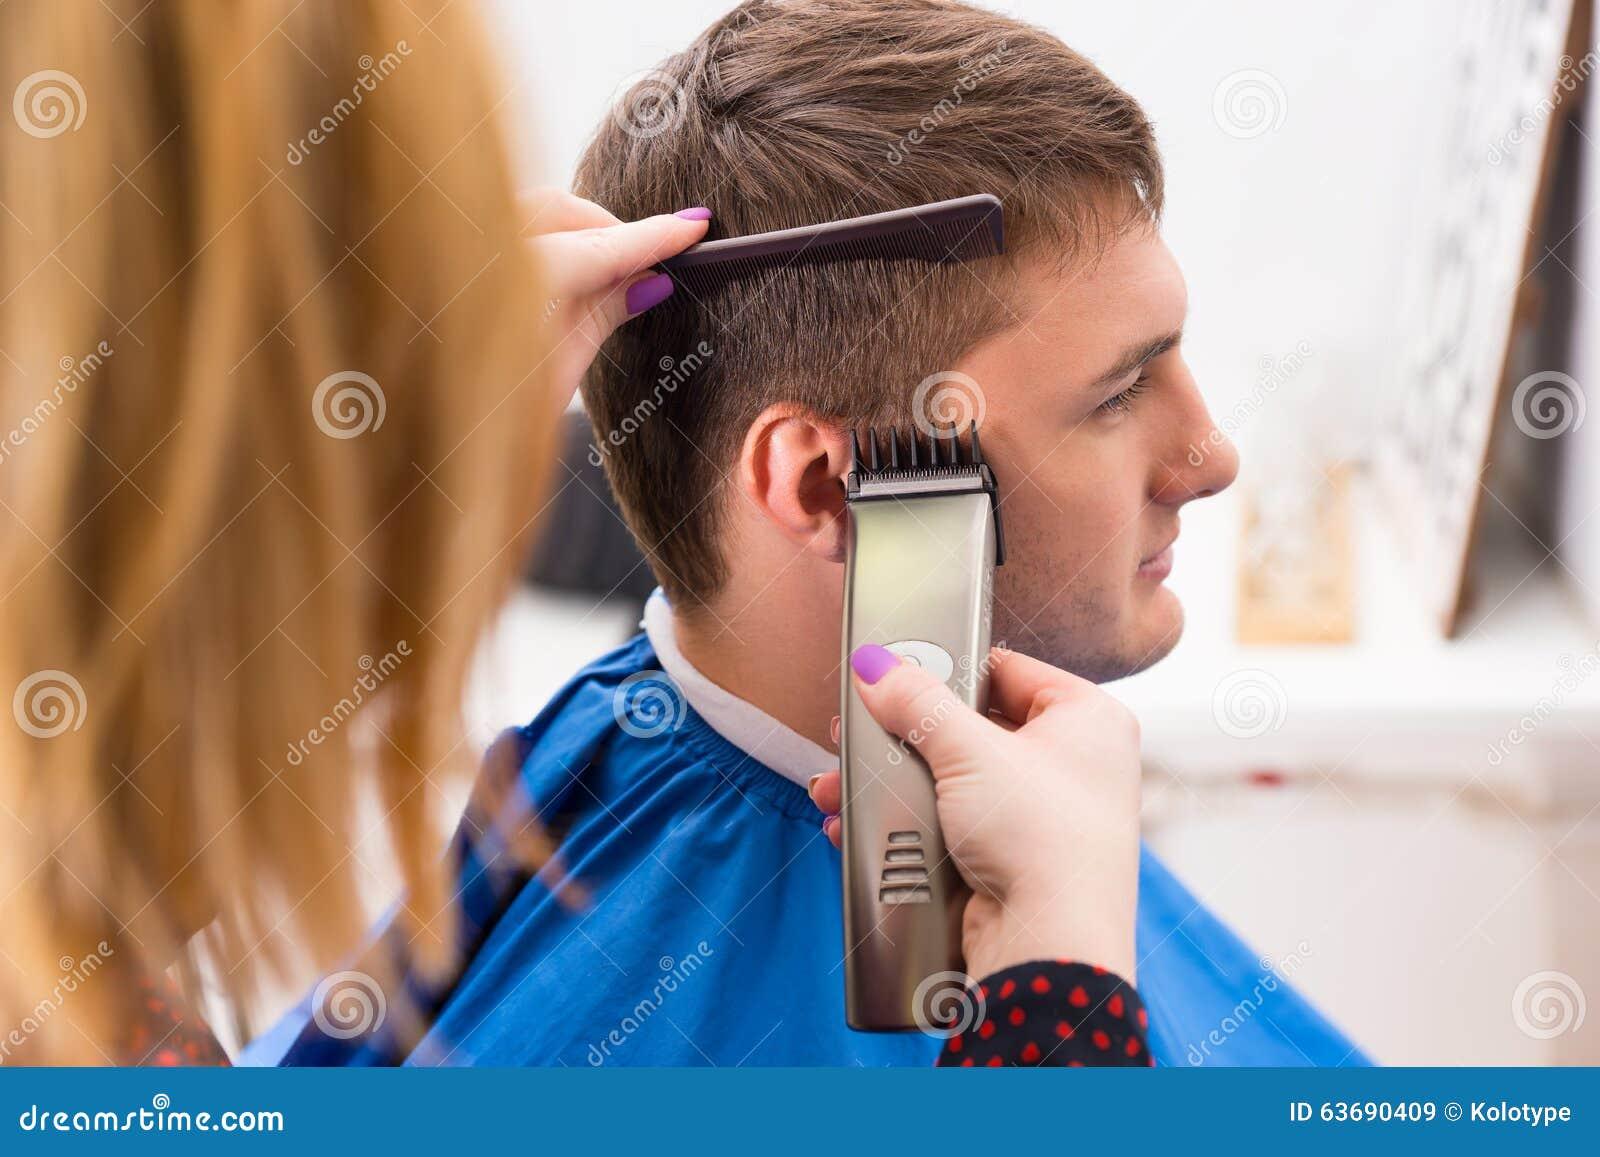 Styliste à l aide du rasoir pour couper des cheveux du client masculin